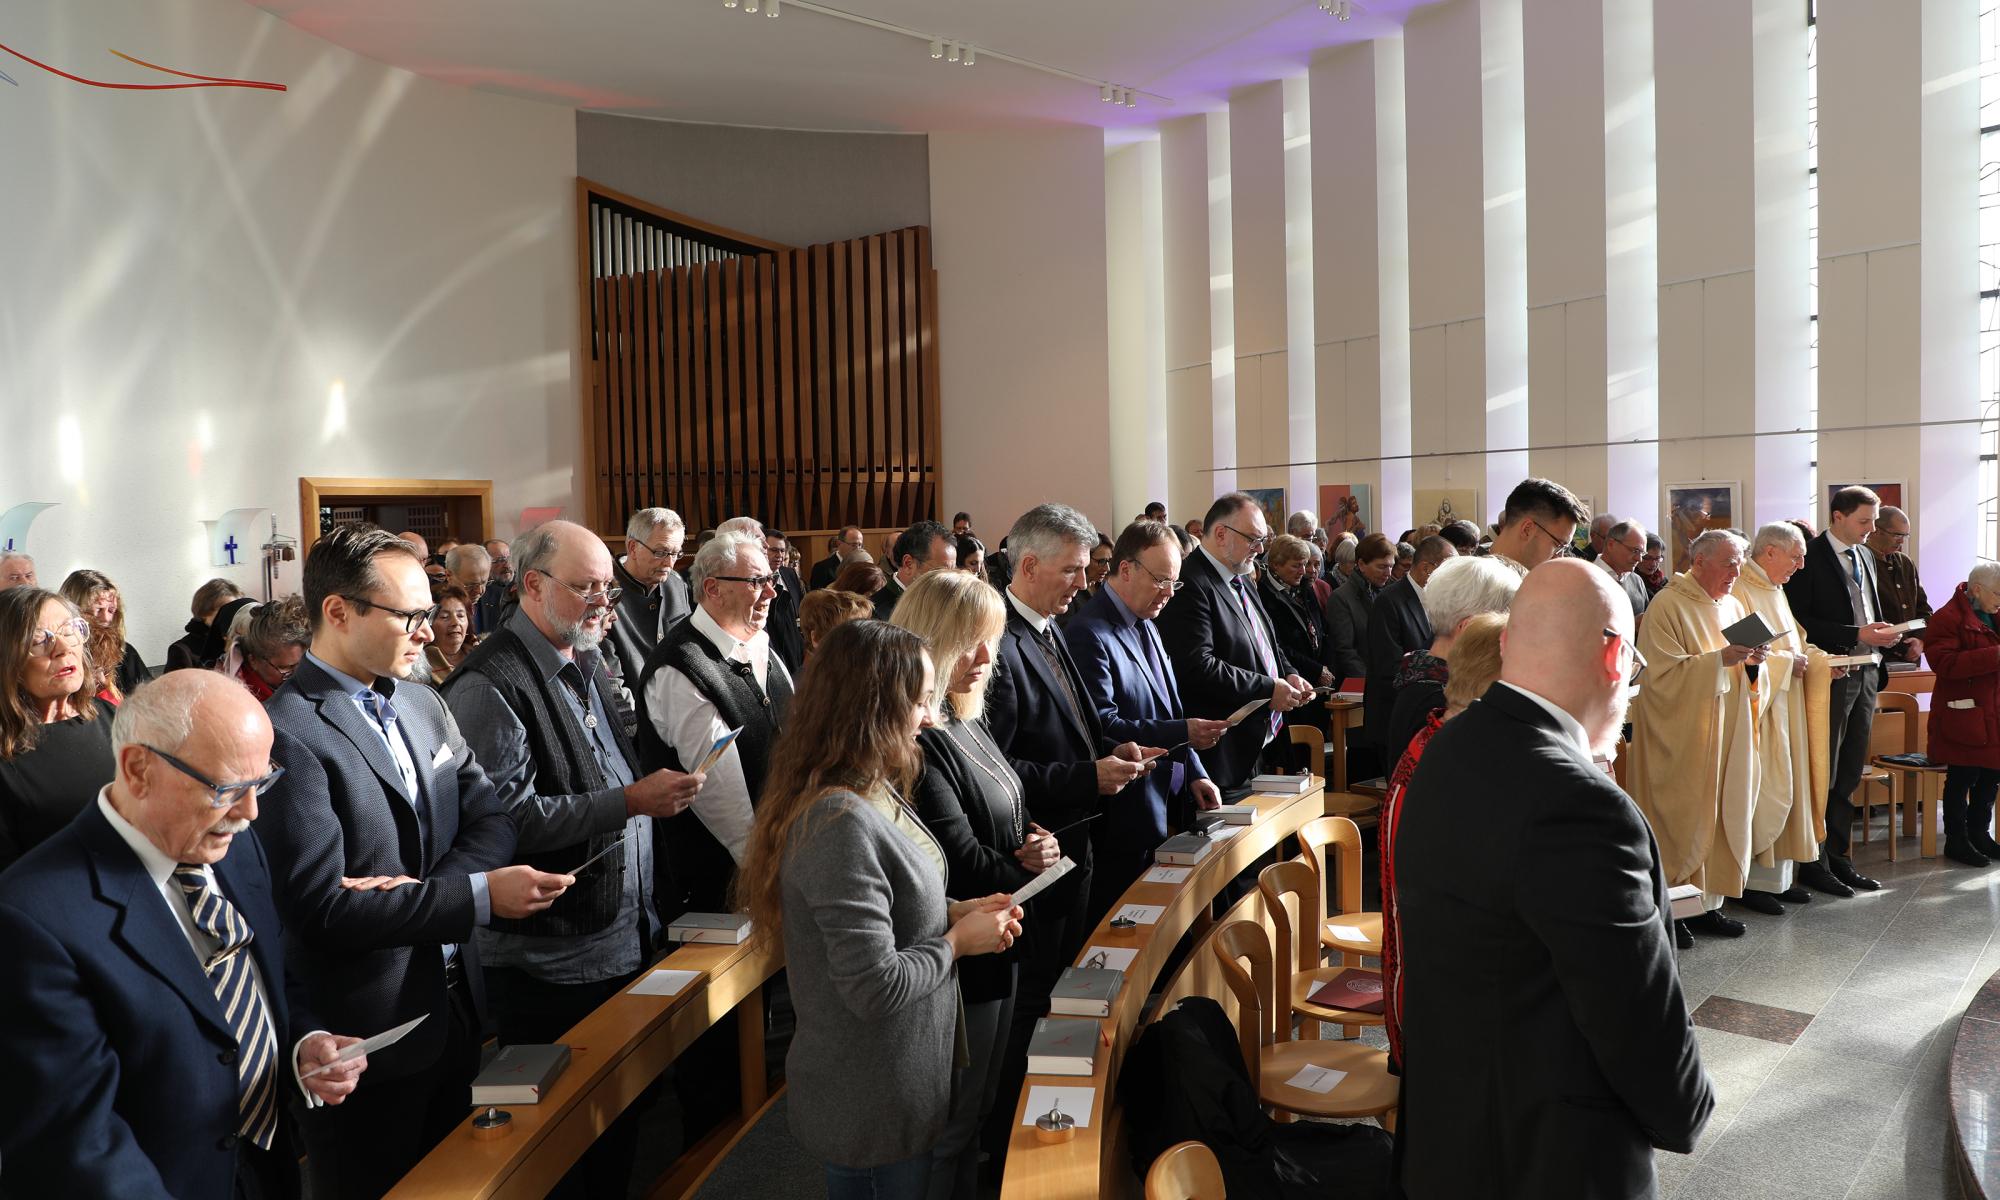 200112 Festakt 60 Jahre Spectrum Kirche foto2